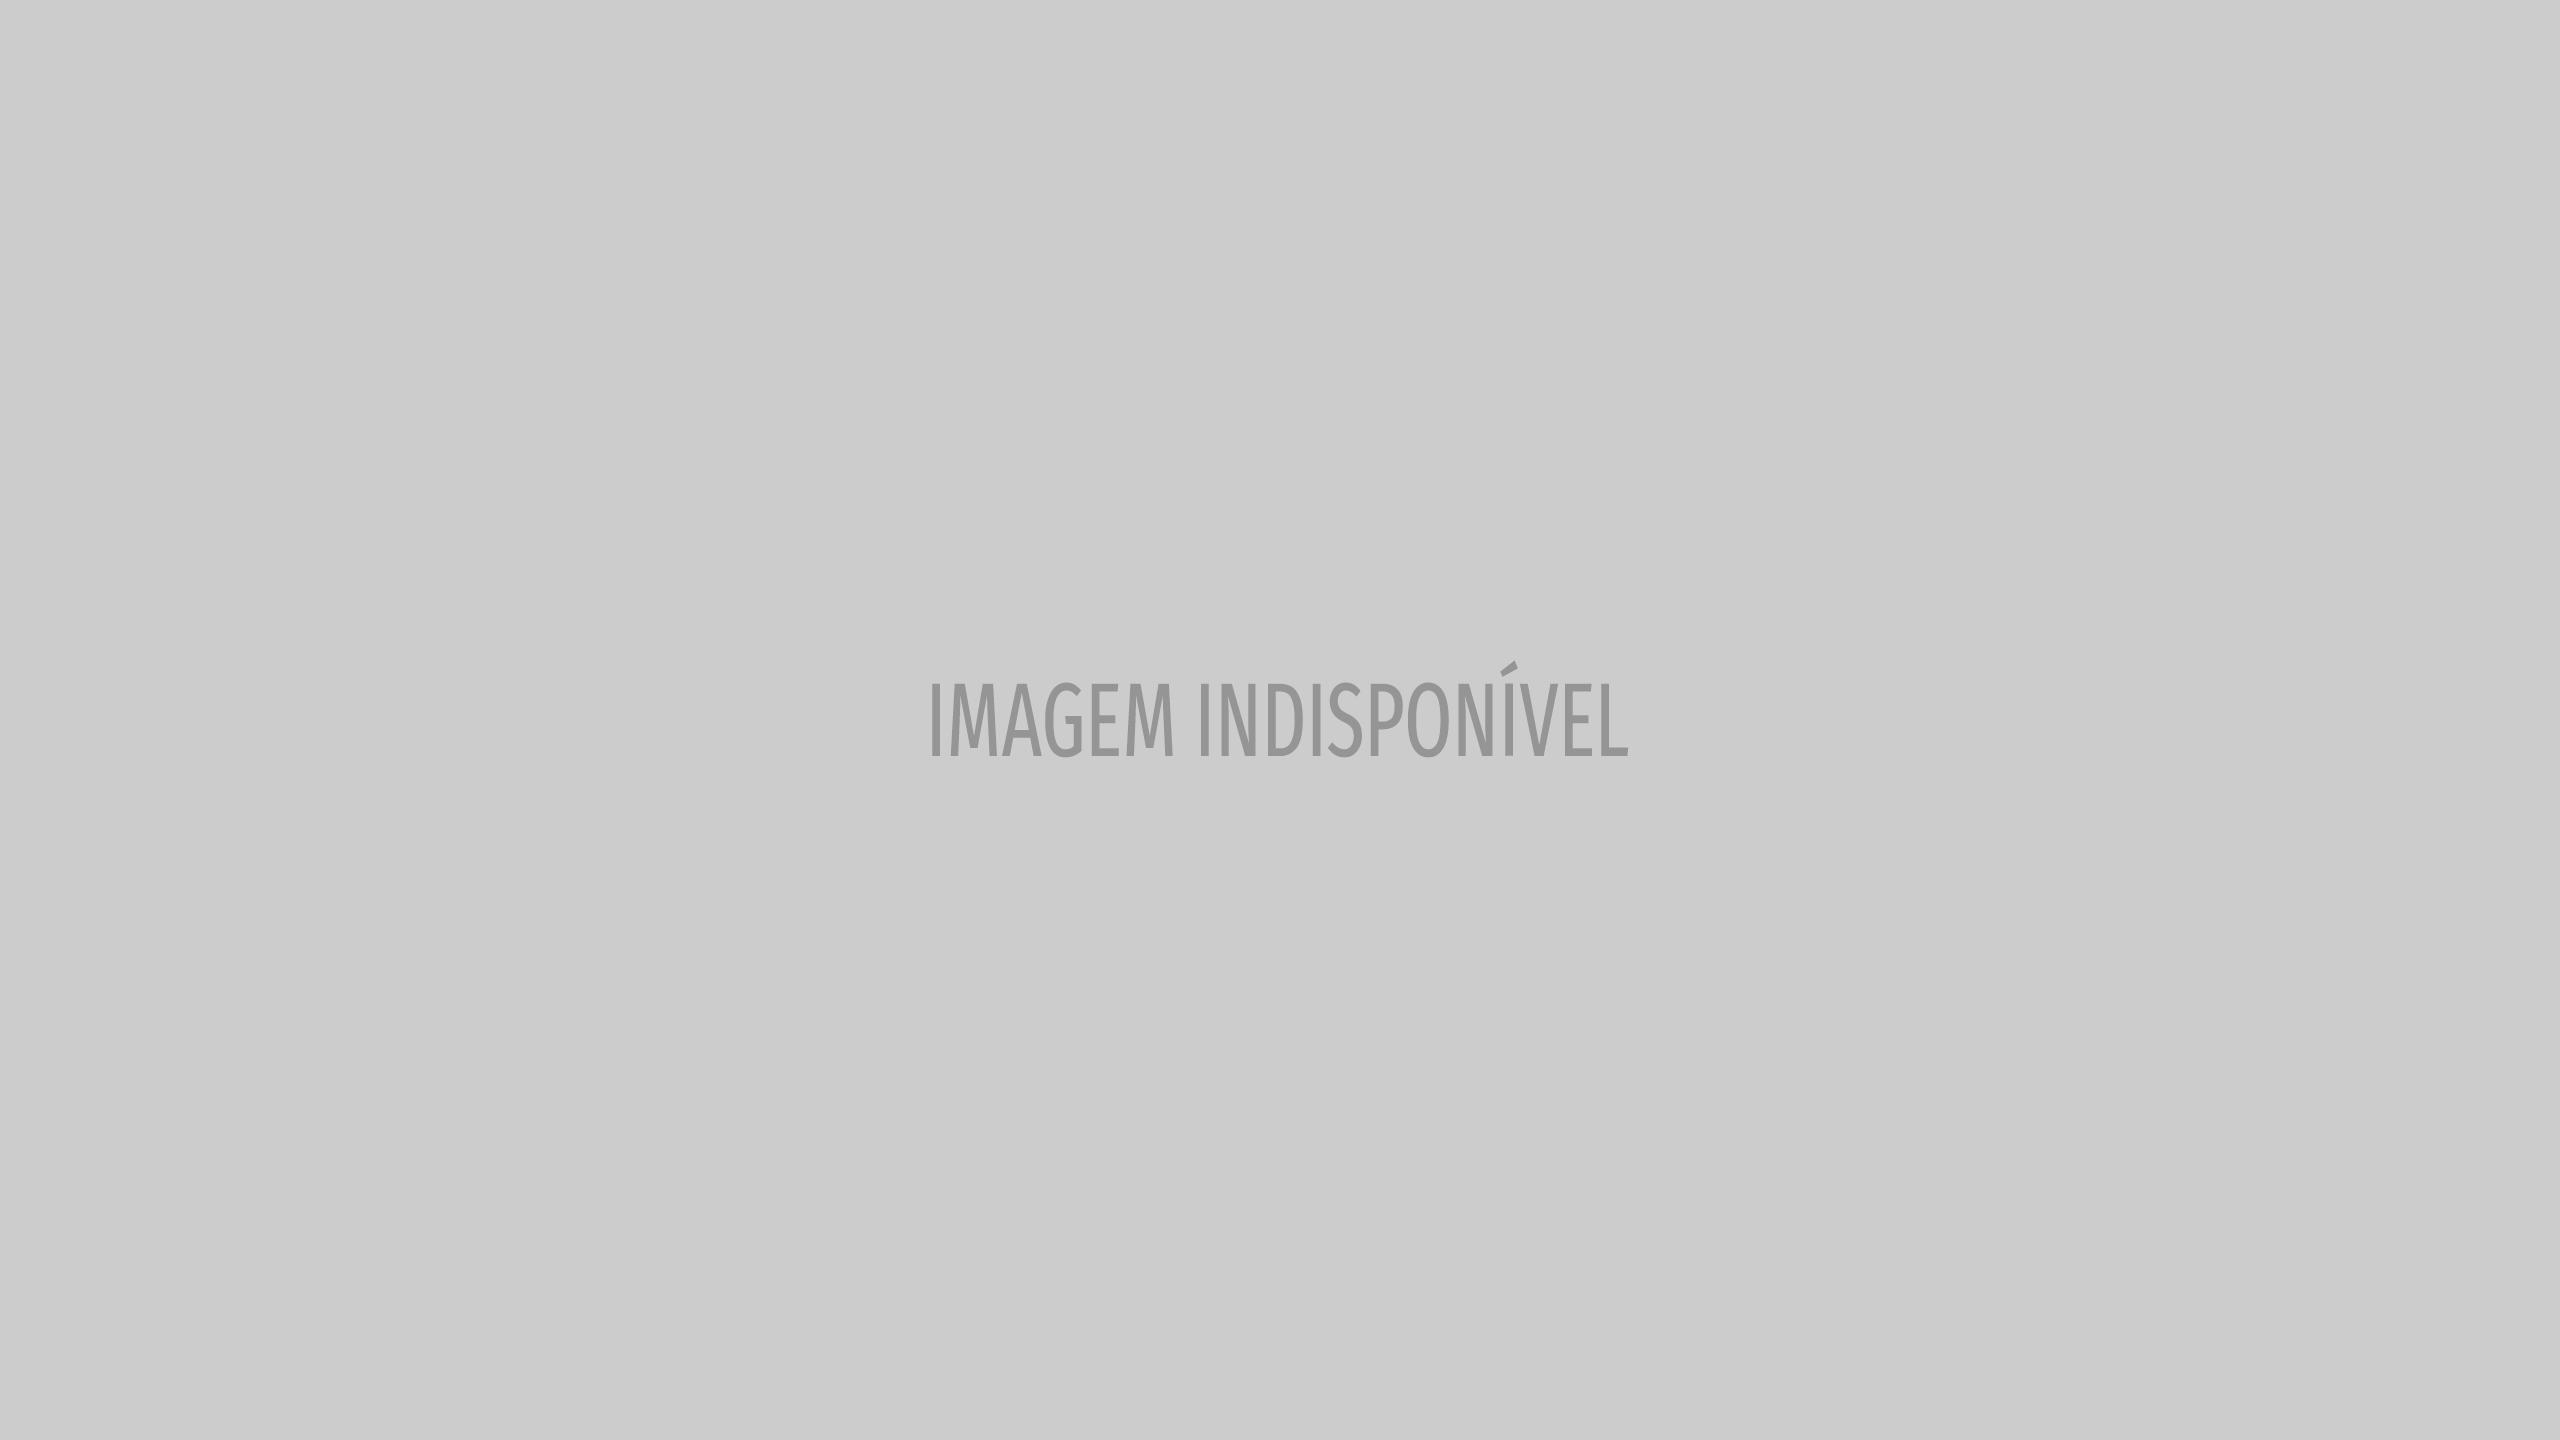 Ator revela por que pulou do quinto andar de um prédio em SP